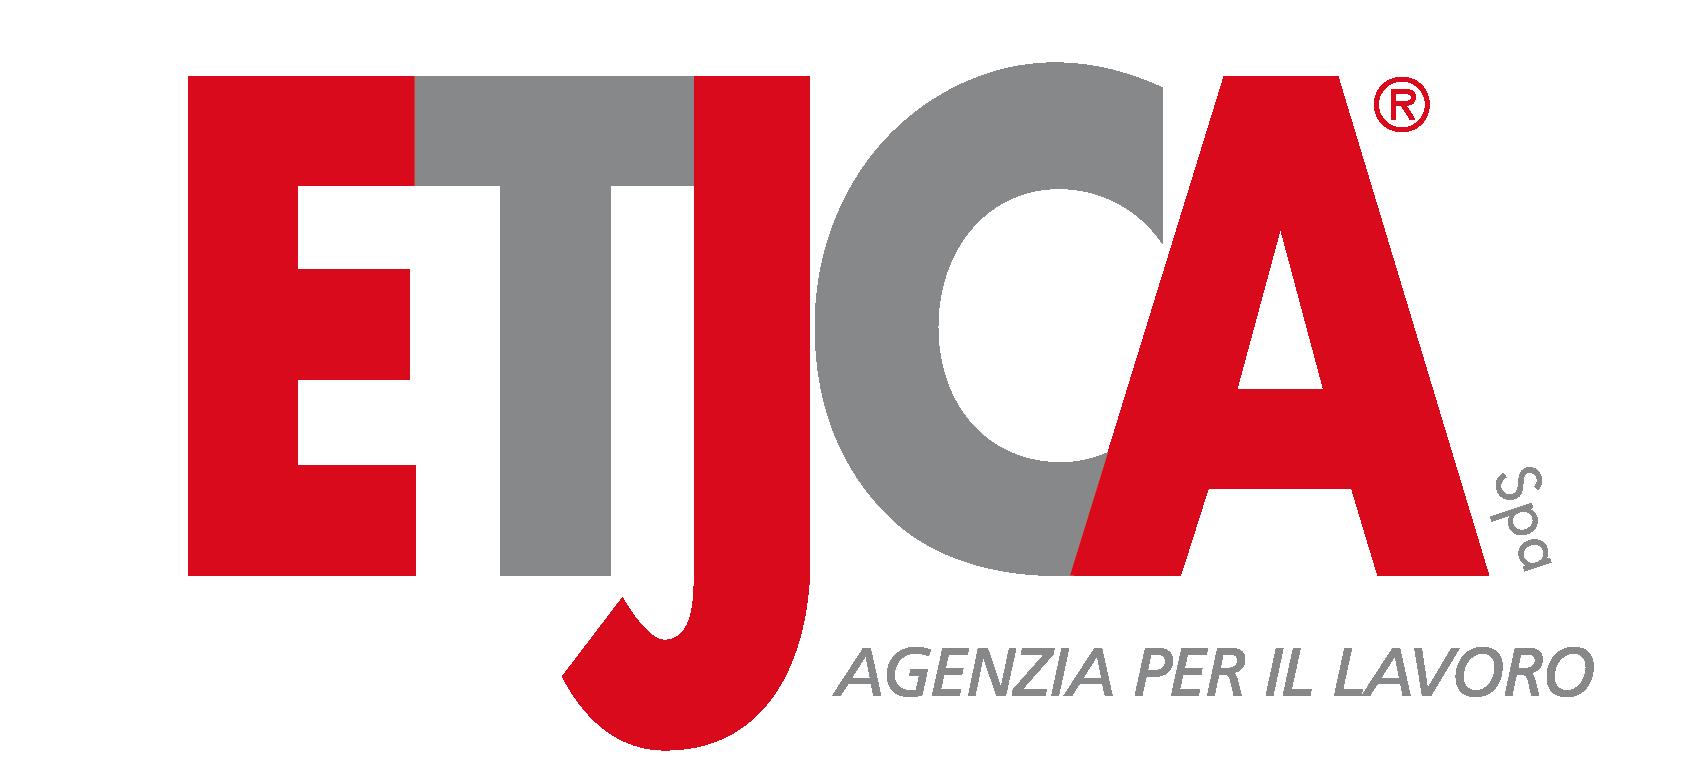 ETJCA: ricerca del personale e gestione delle risorse umane